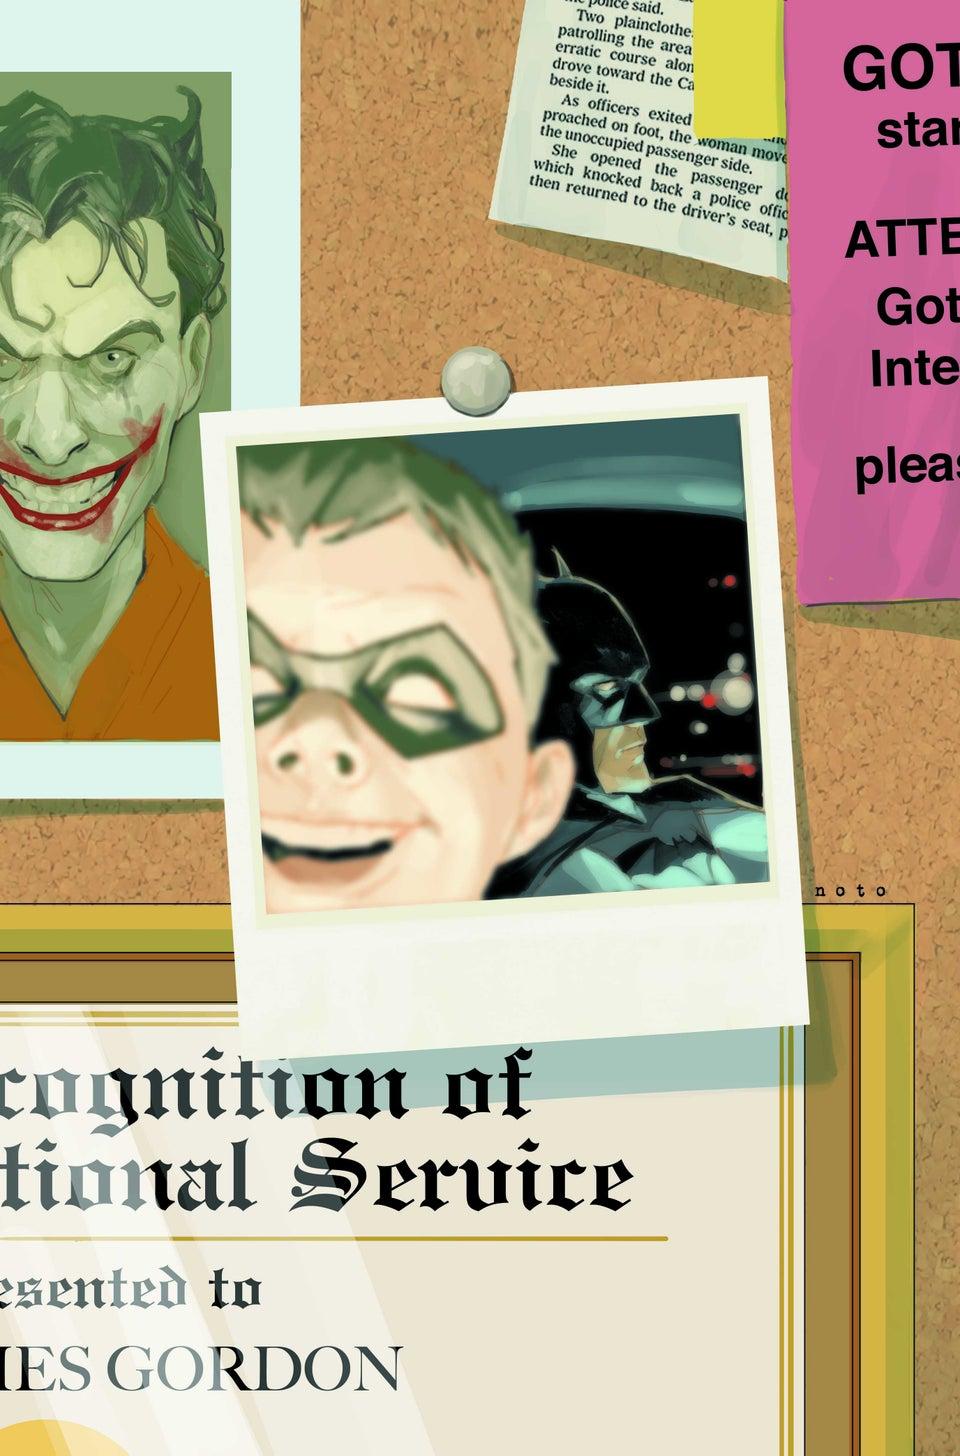 [DC COMICS] Publicaciones Universo DC: Discusión General Bmrobcv34selfievarjpg-8dd965_960w